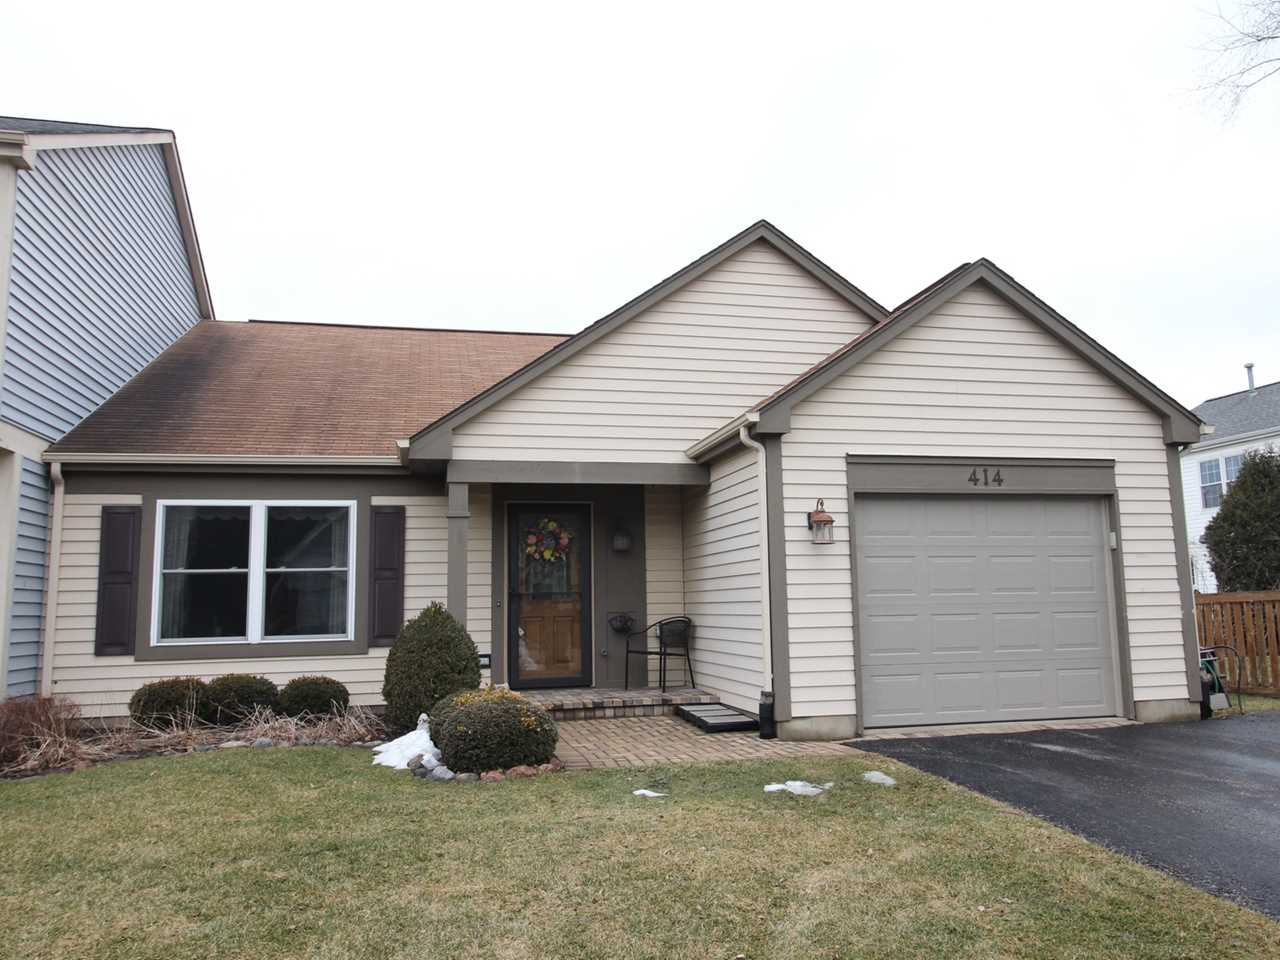 414 Attenborough Way Grayslake, IL 60030 | MLS 10309235 Photo 1